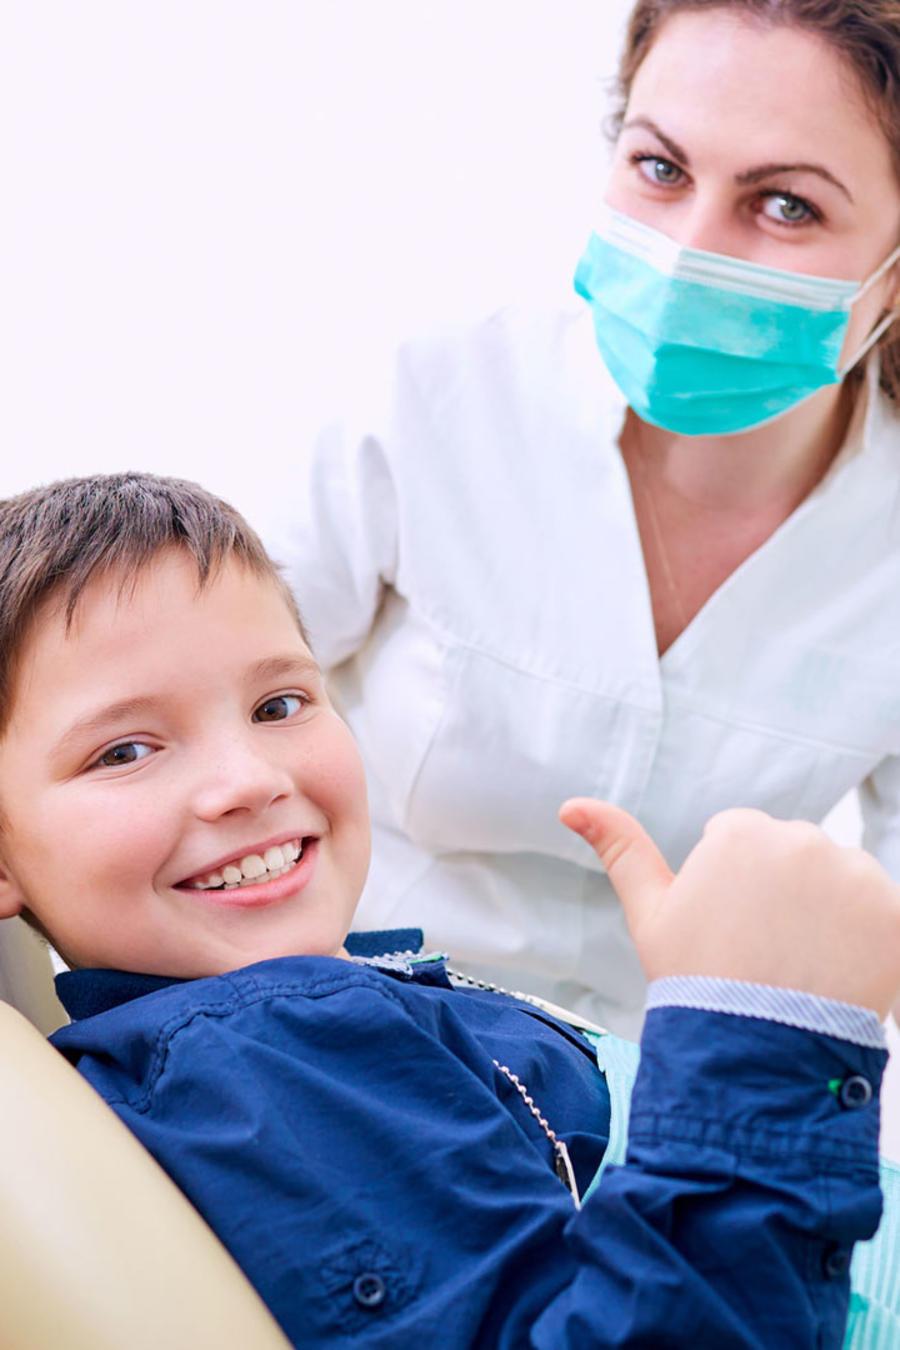 Los mejores estados en atención médica infantil